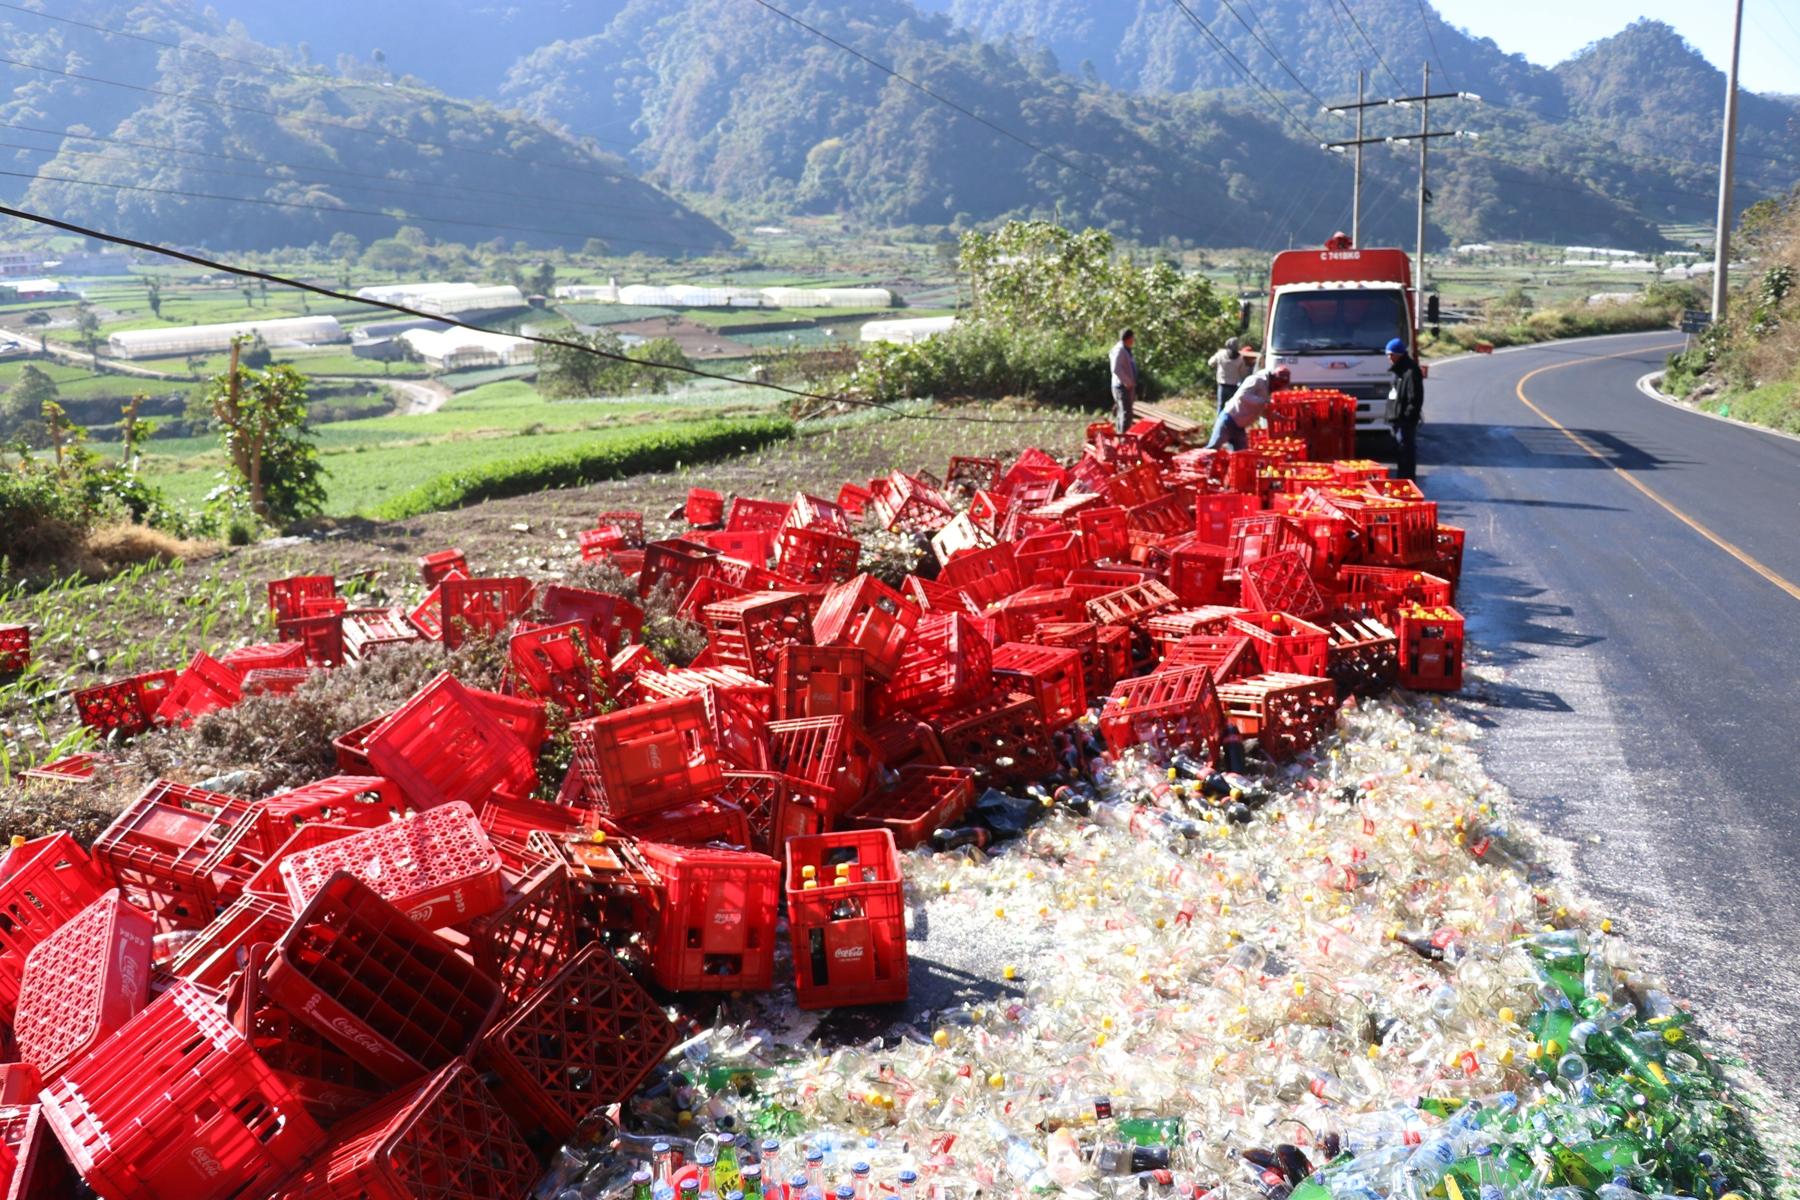 Camión que transportaba aguas gaseosas volcó y el producto quedó tirado en la carretera.  (Foto prensa Libre: María Longo)